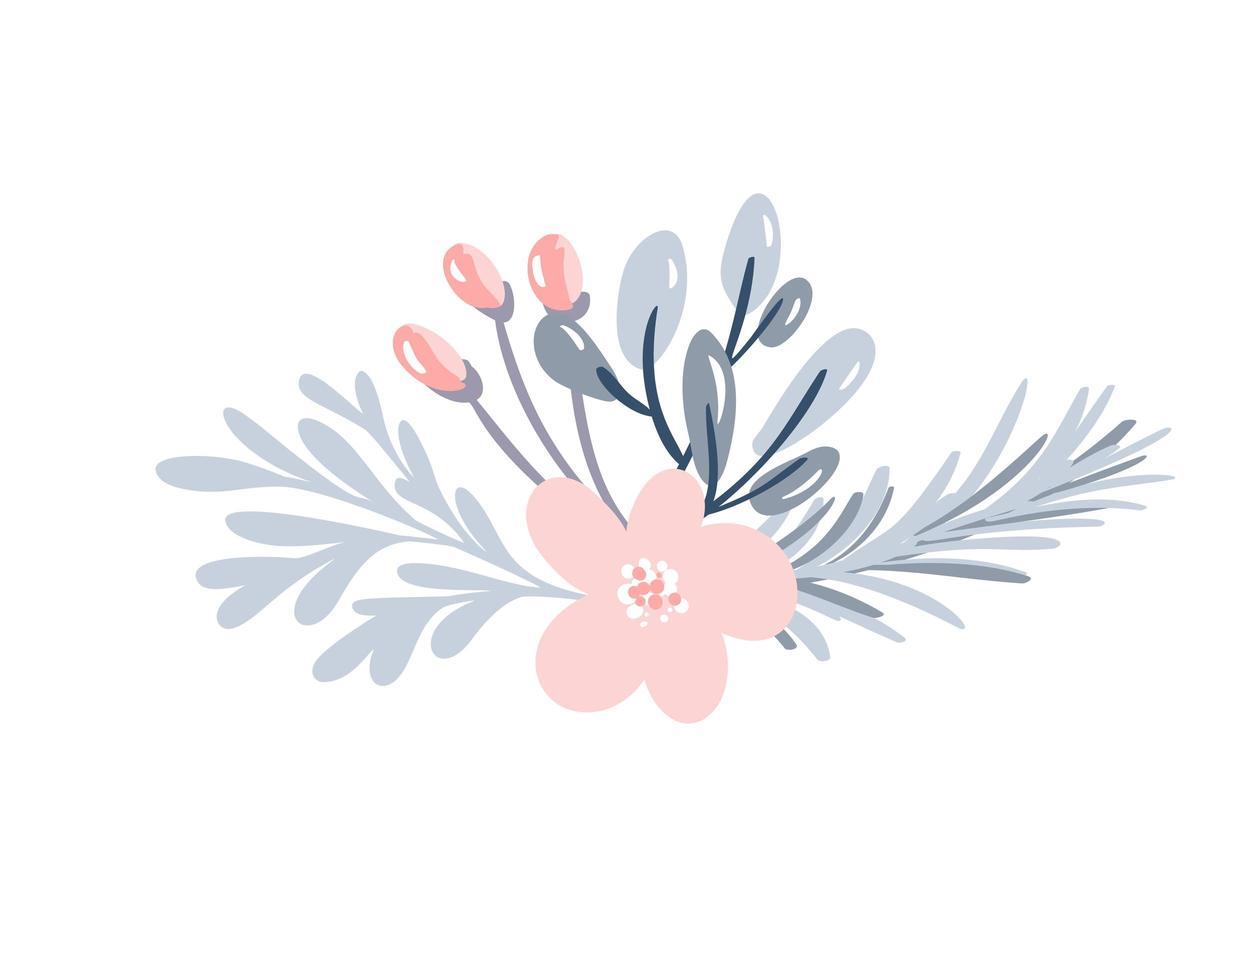 Weihnachtsblumenstrauß mit Beeren vektor